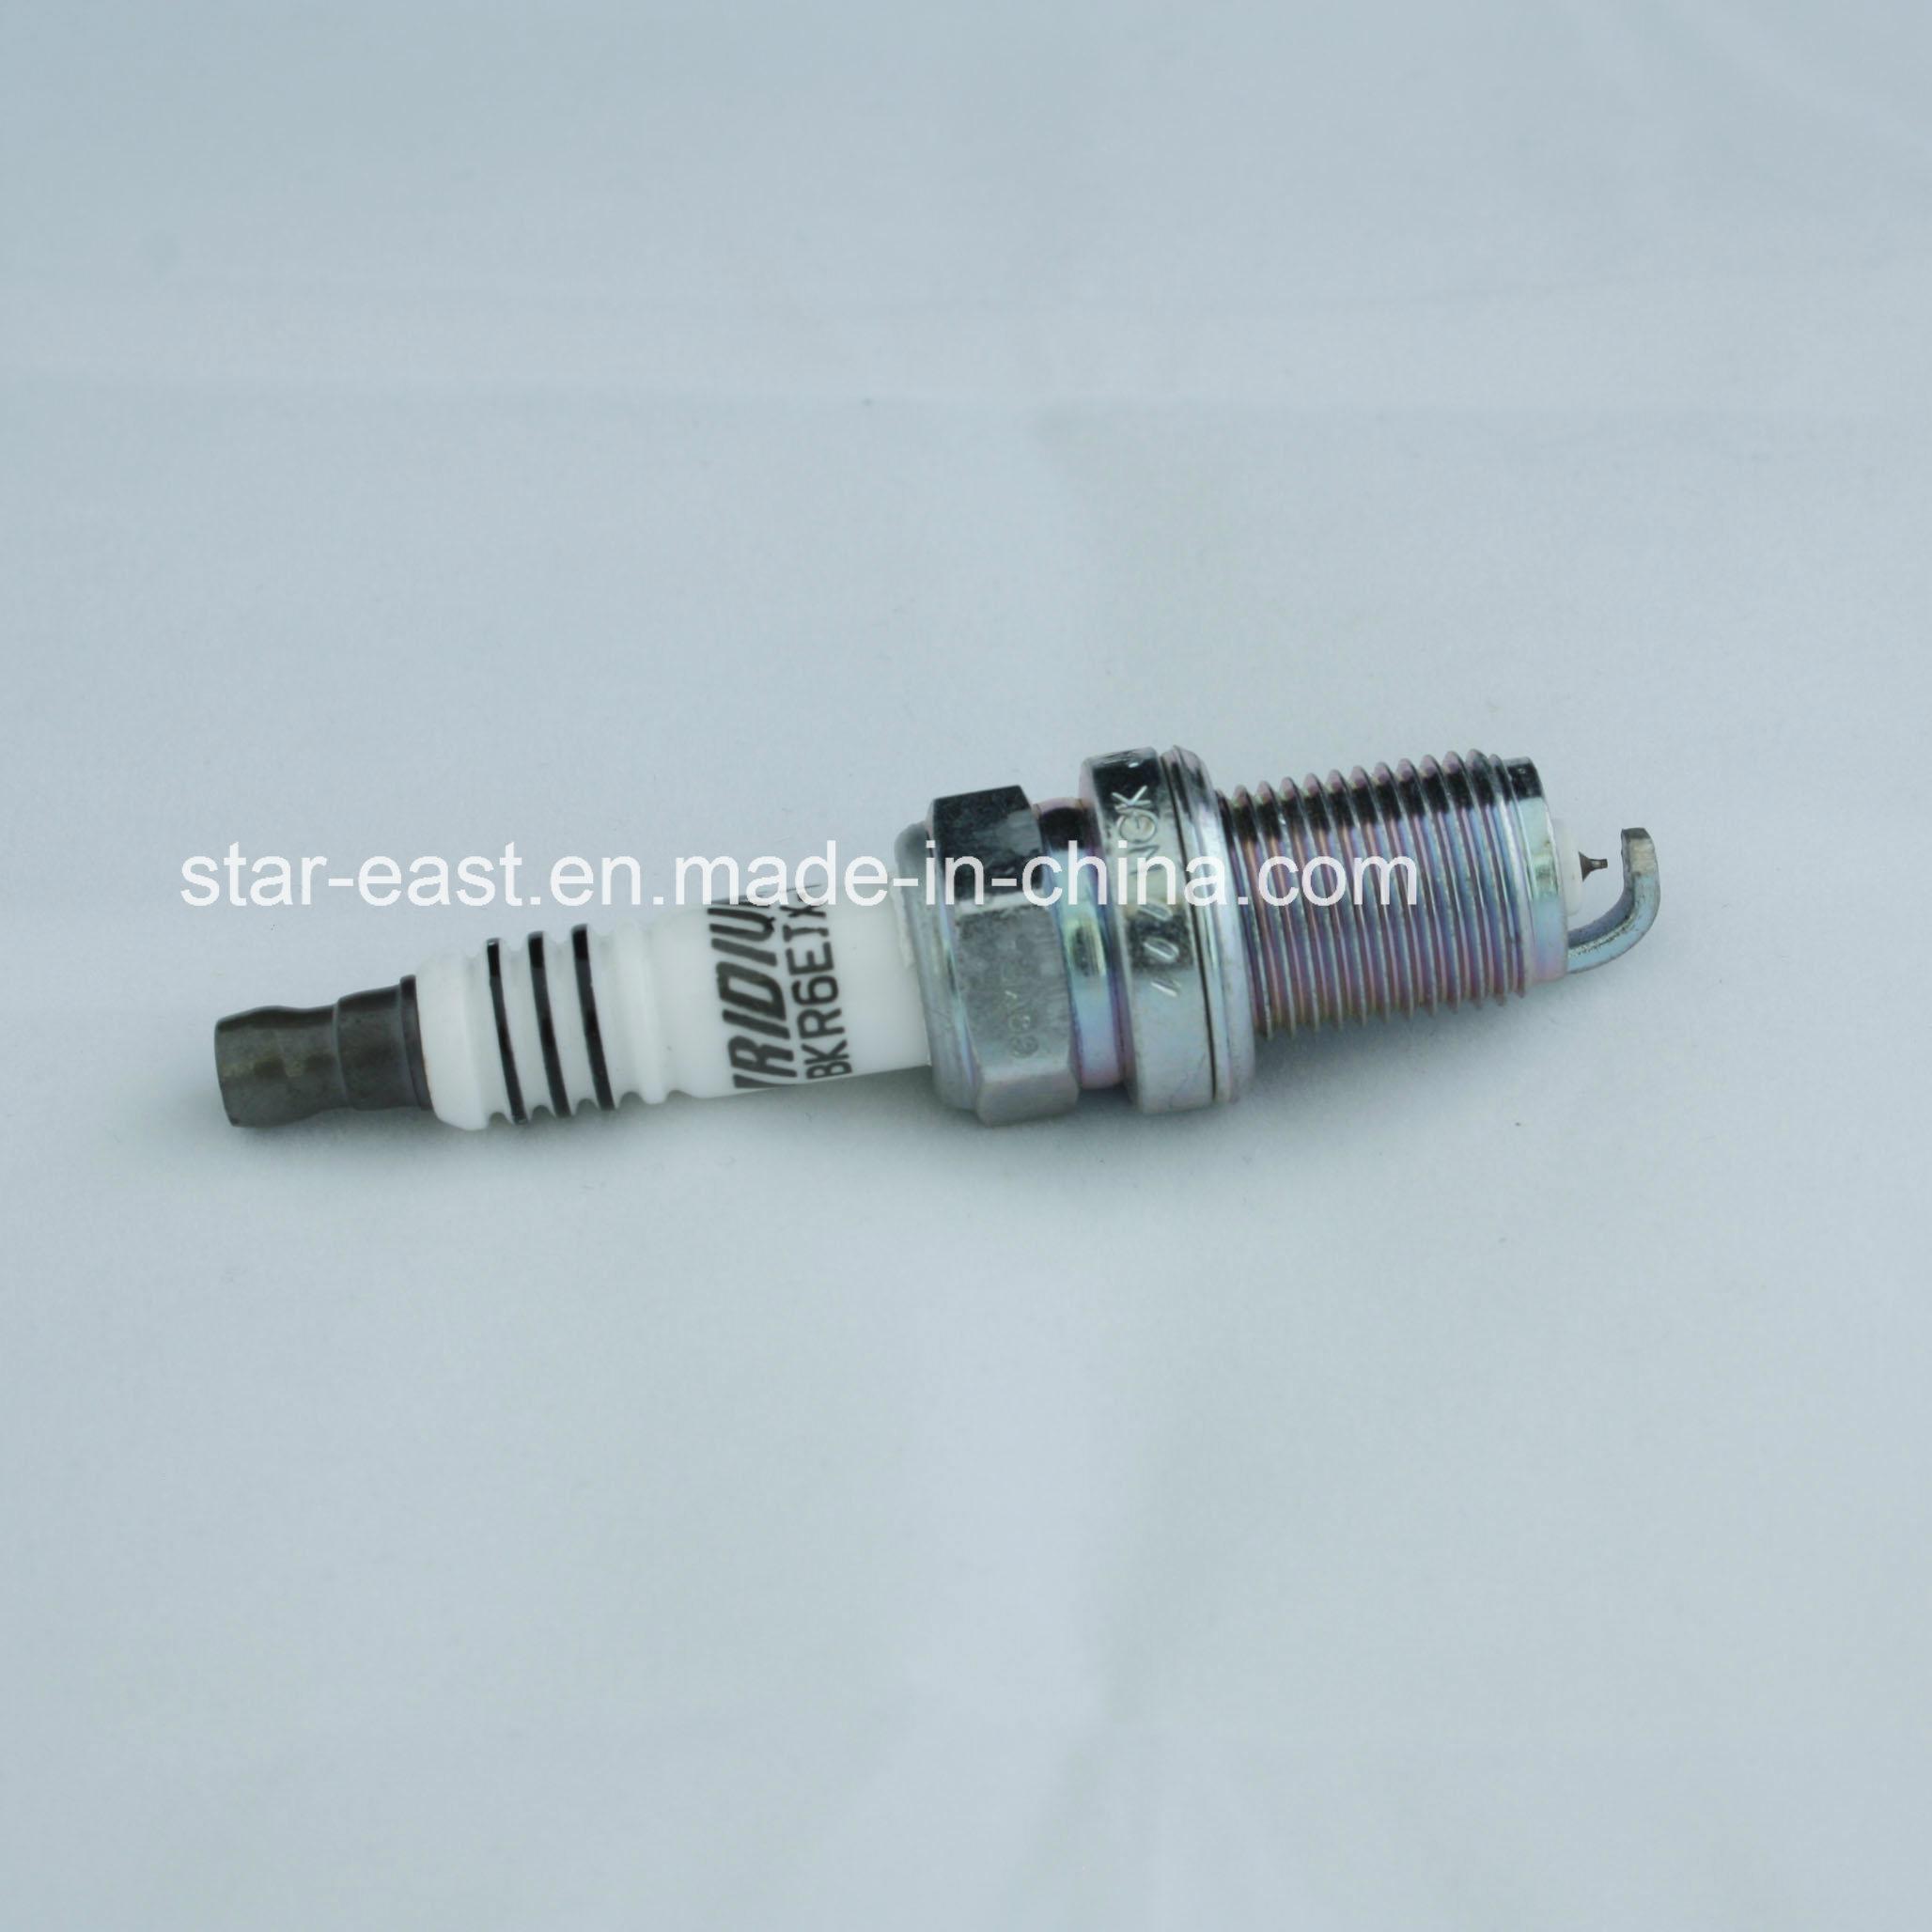 Iridium Power Spark Plug for Ngk Bkr6eix Toyota/Nissan/BMW